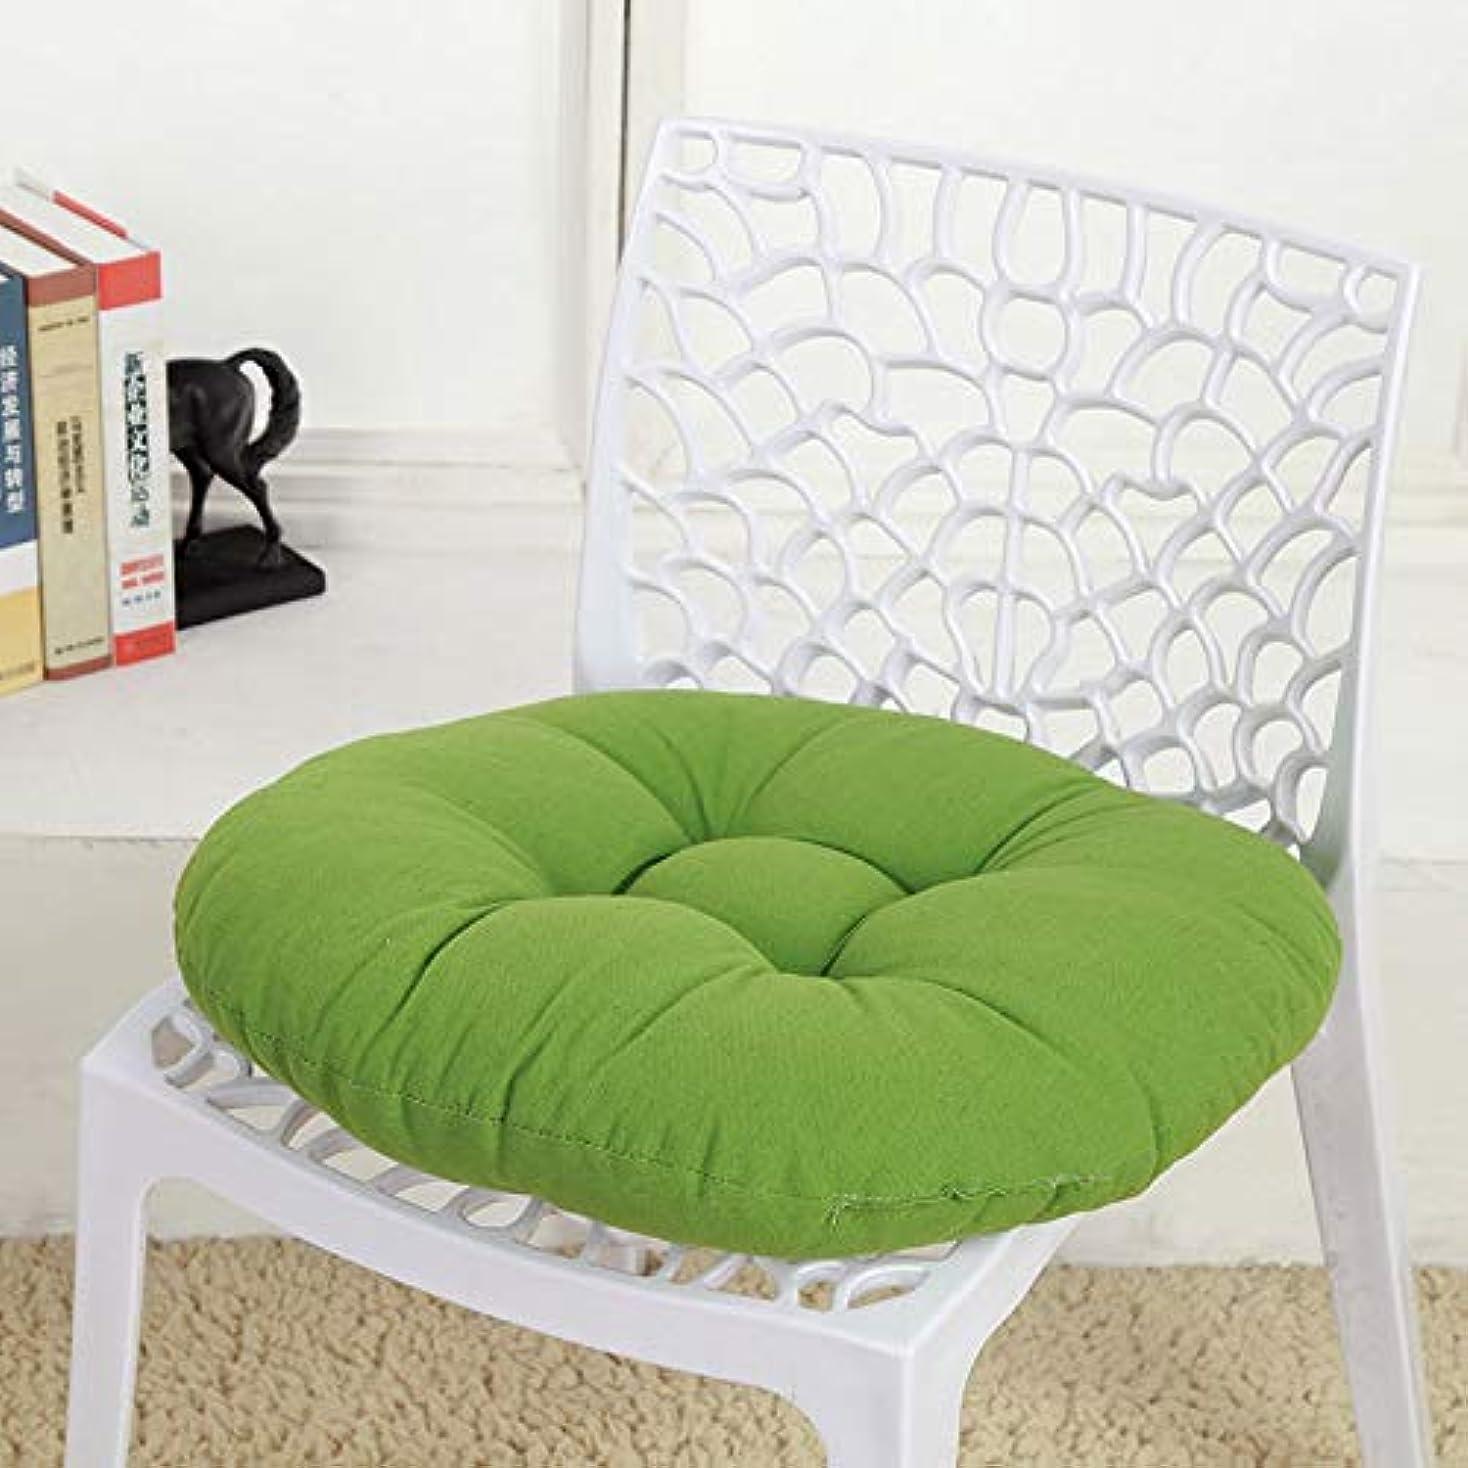 清める粘着性ジョイントLIFE キャンディカラーのクッションラウンドシートクッション波ウィンドウシートクッションクッション家の装飾パッドラウンド枕シート枕椅子座る枕 クッション 椅子